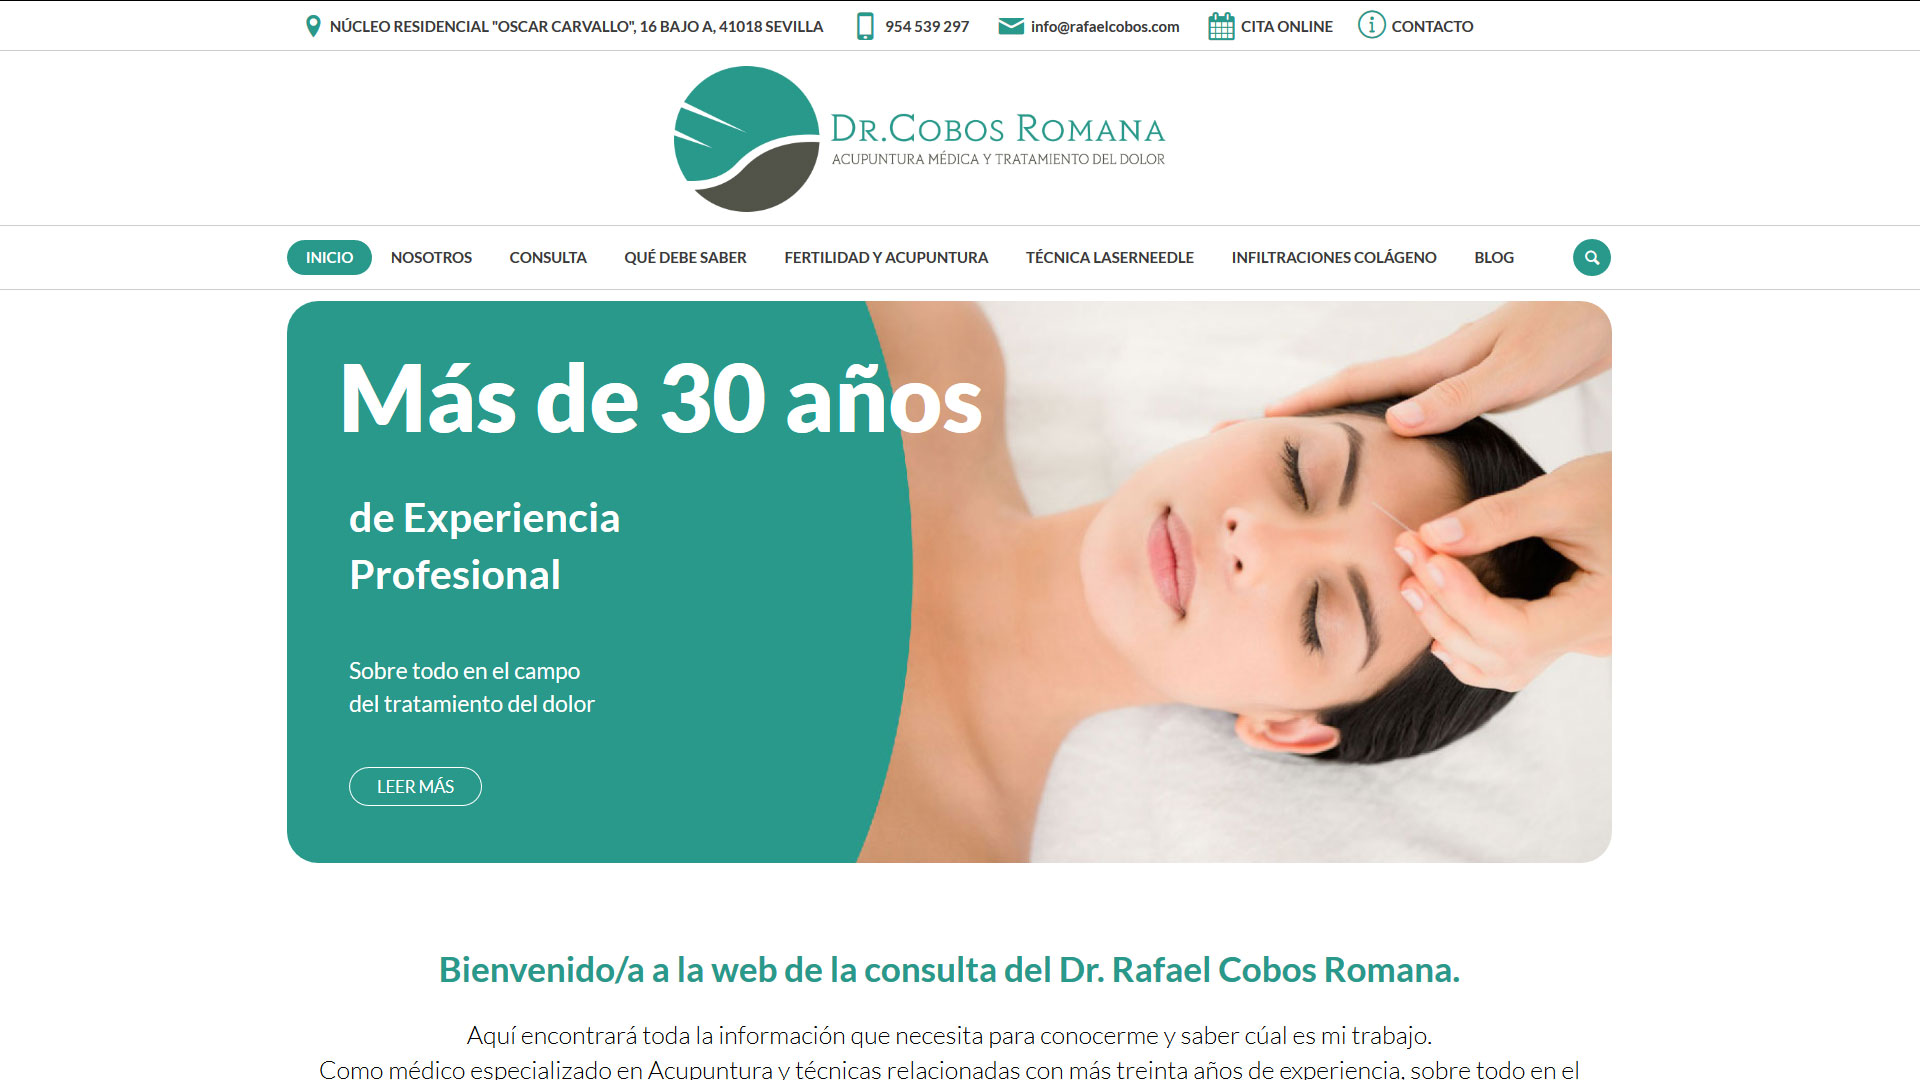 rafaelcobos.com